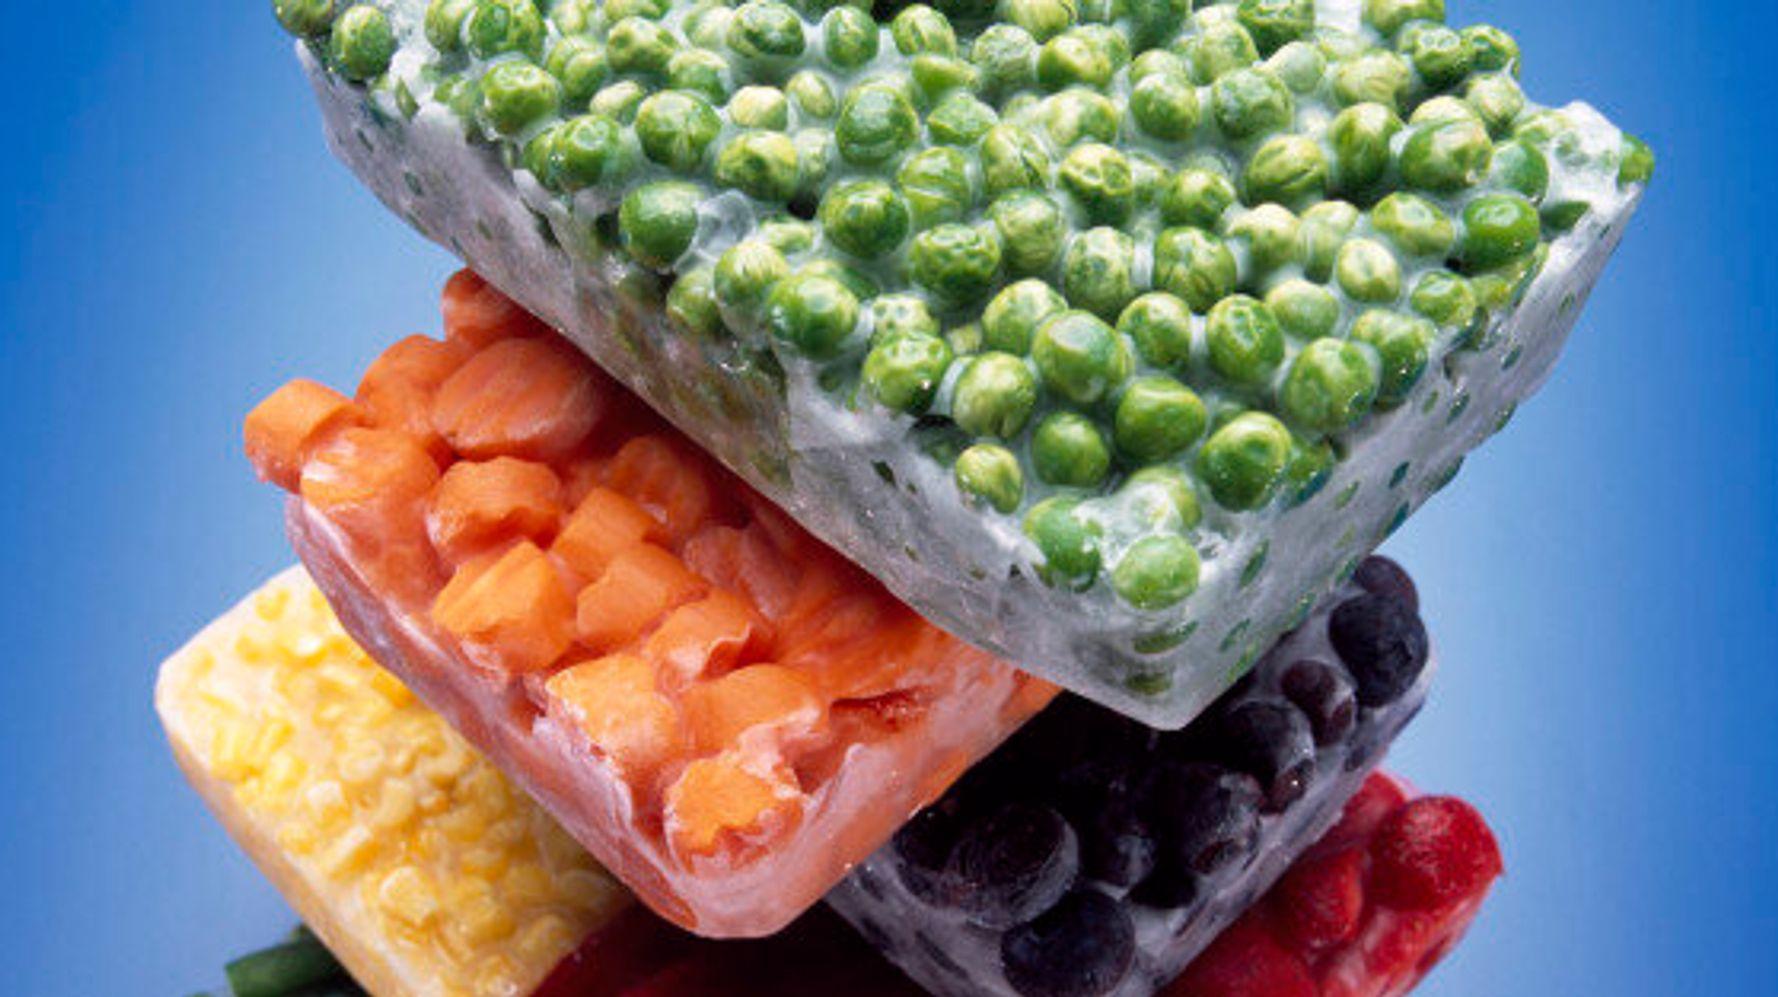 картинки льда и овощей приглашением